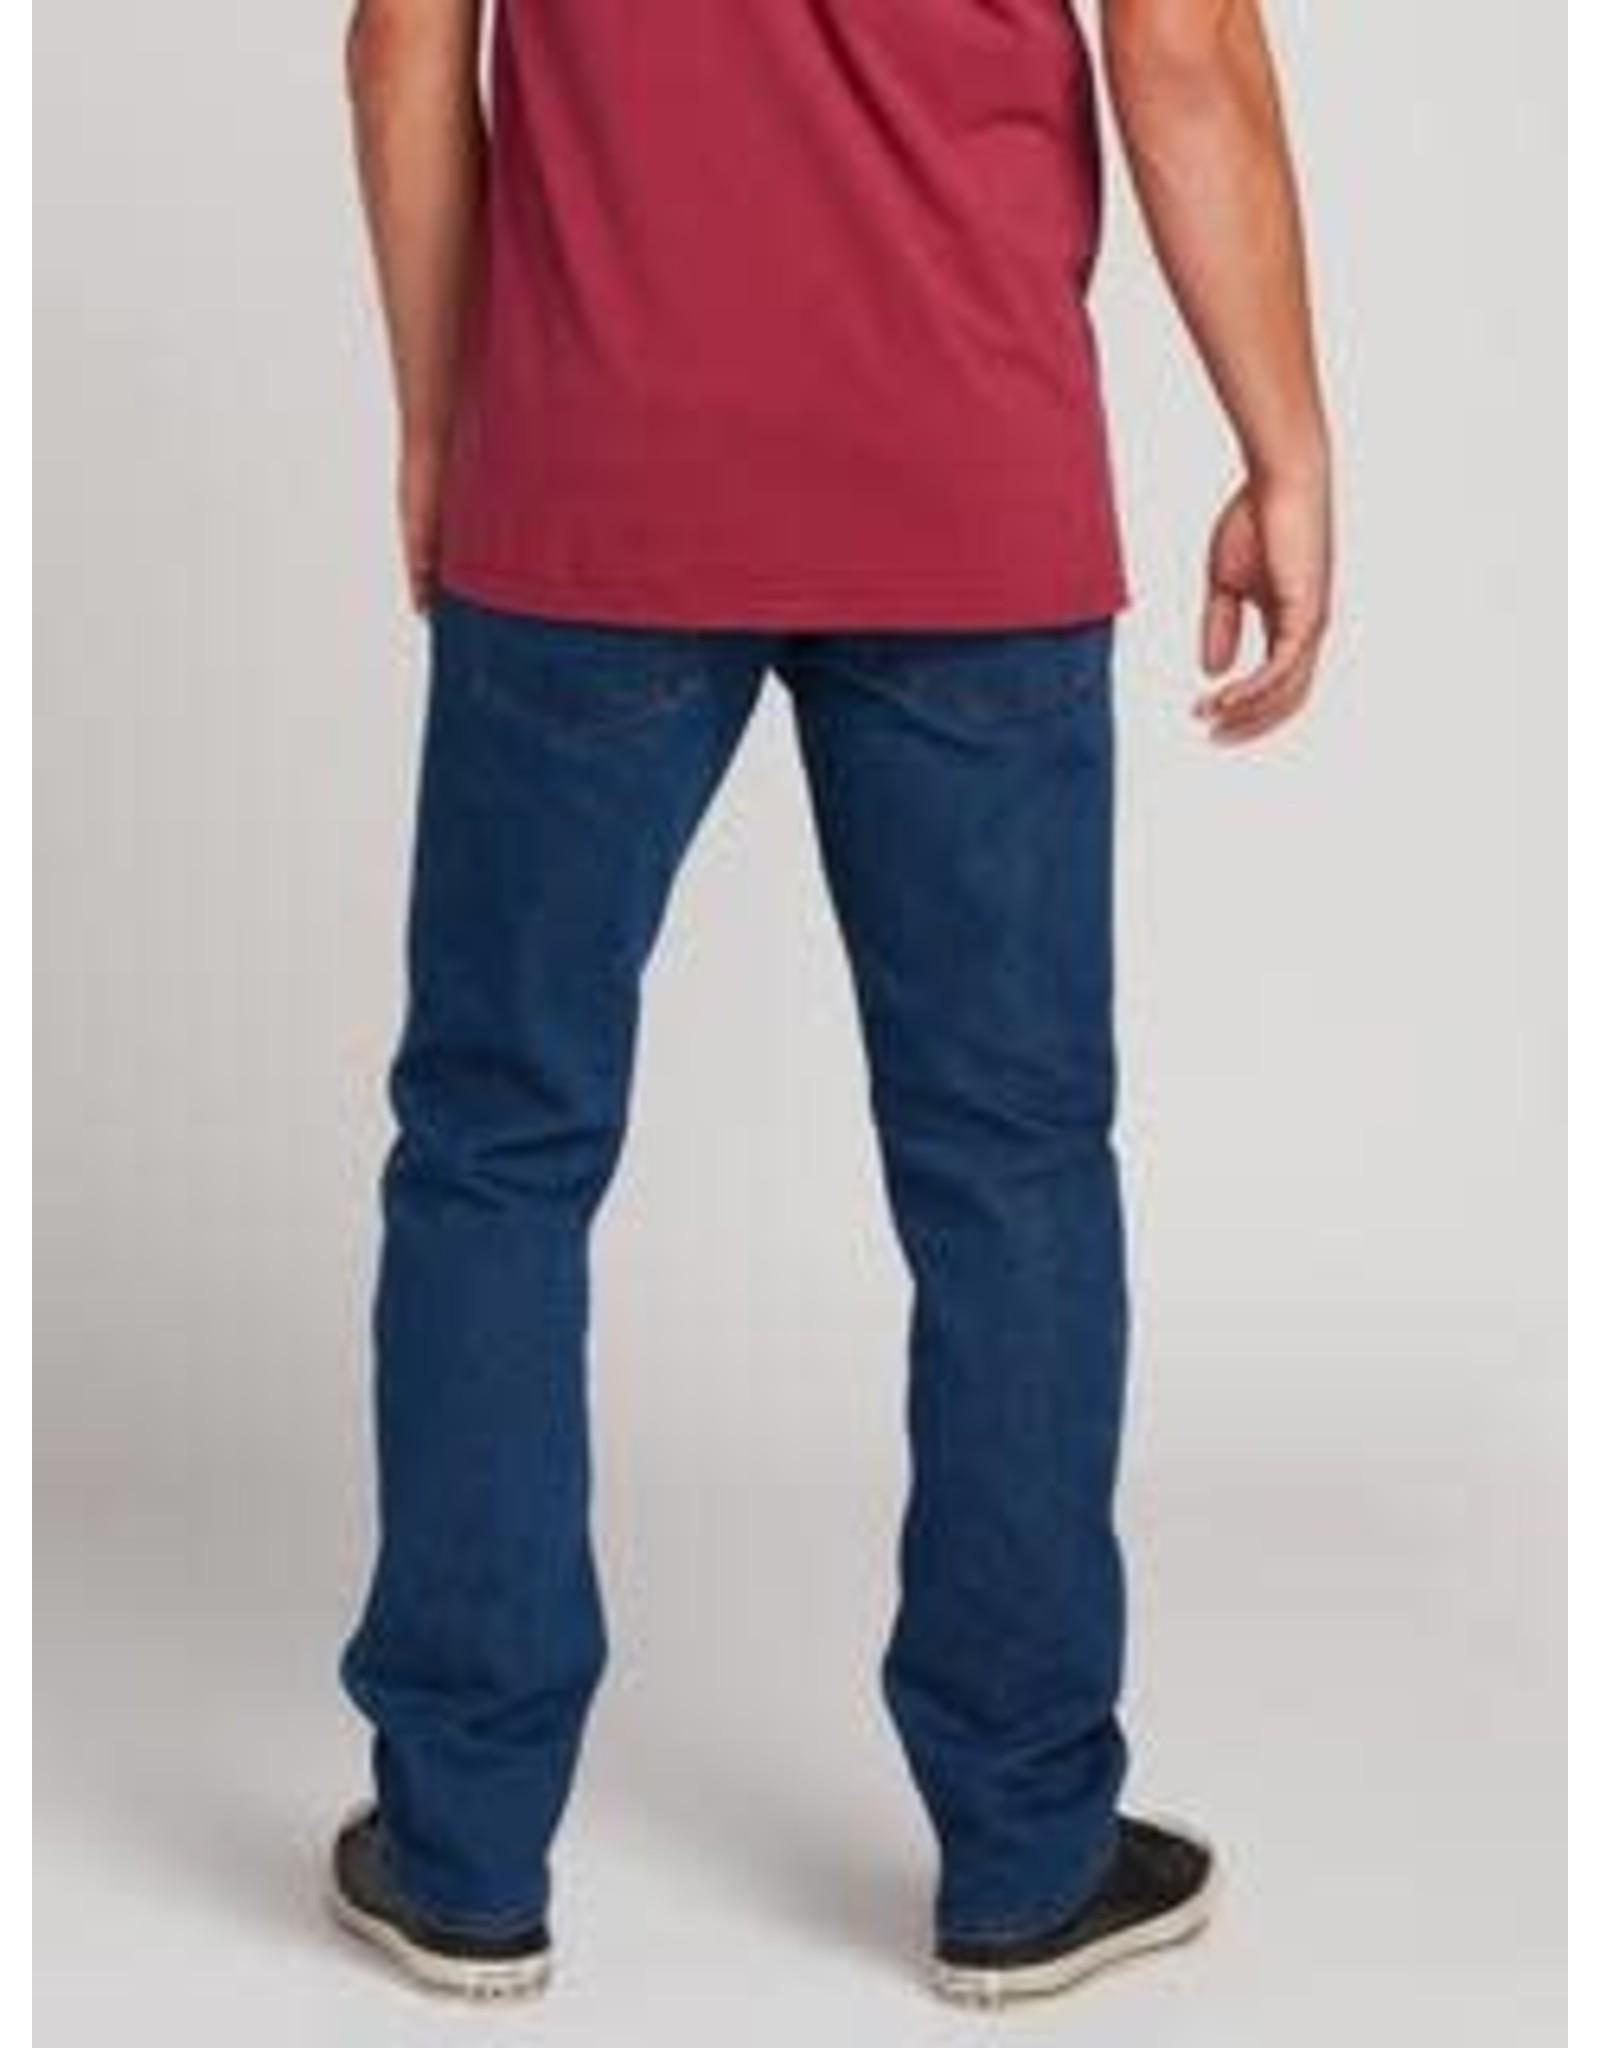 volcom Volcom - jeans solver denim